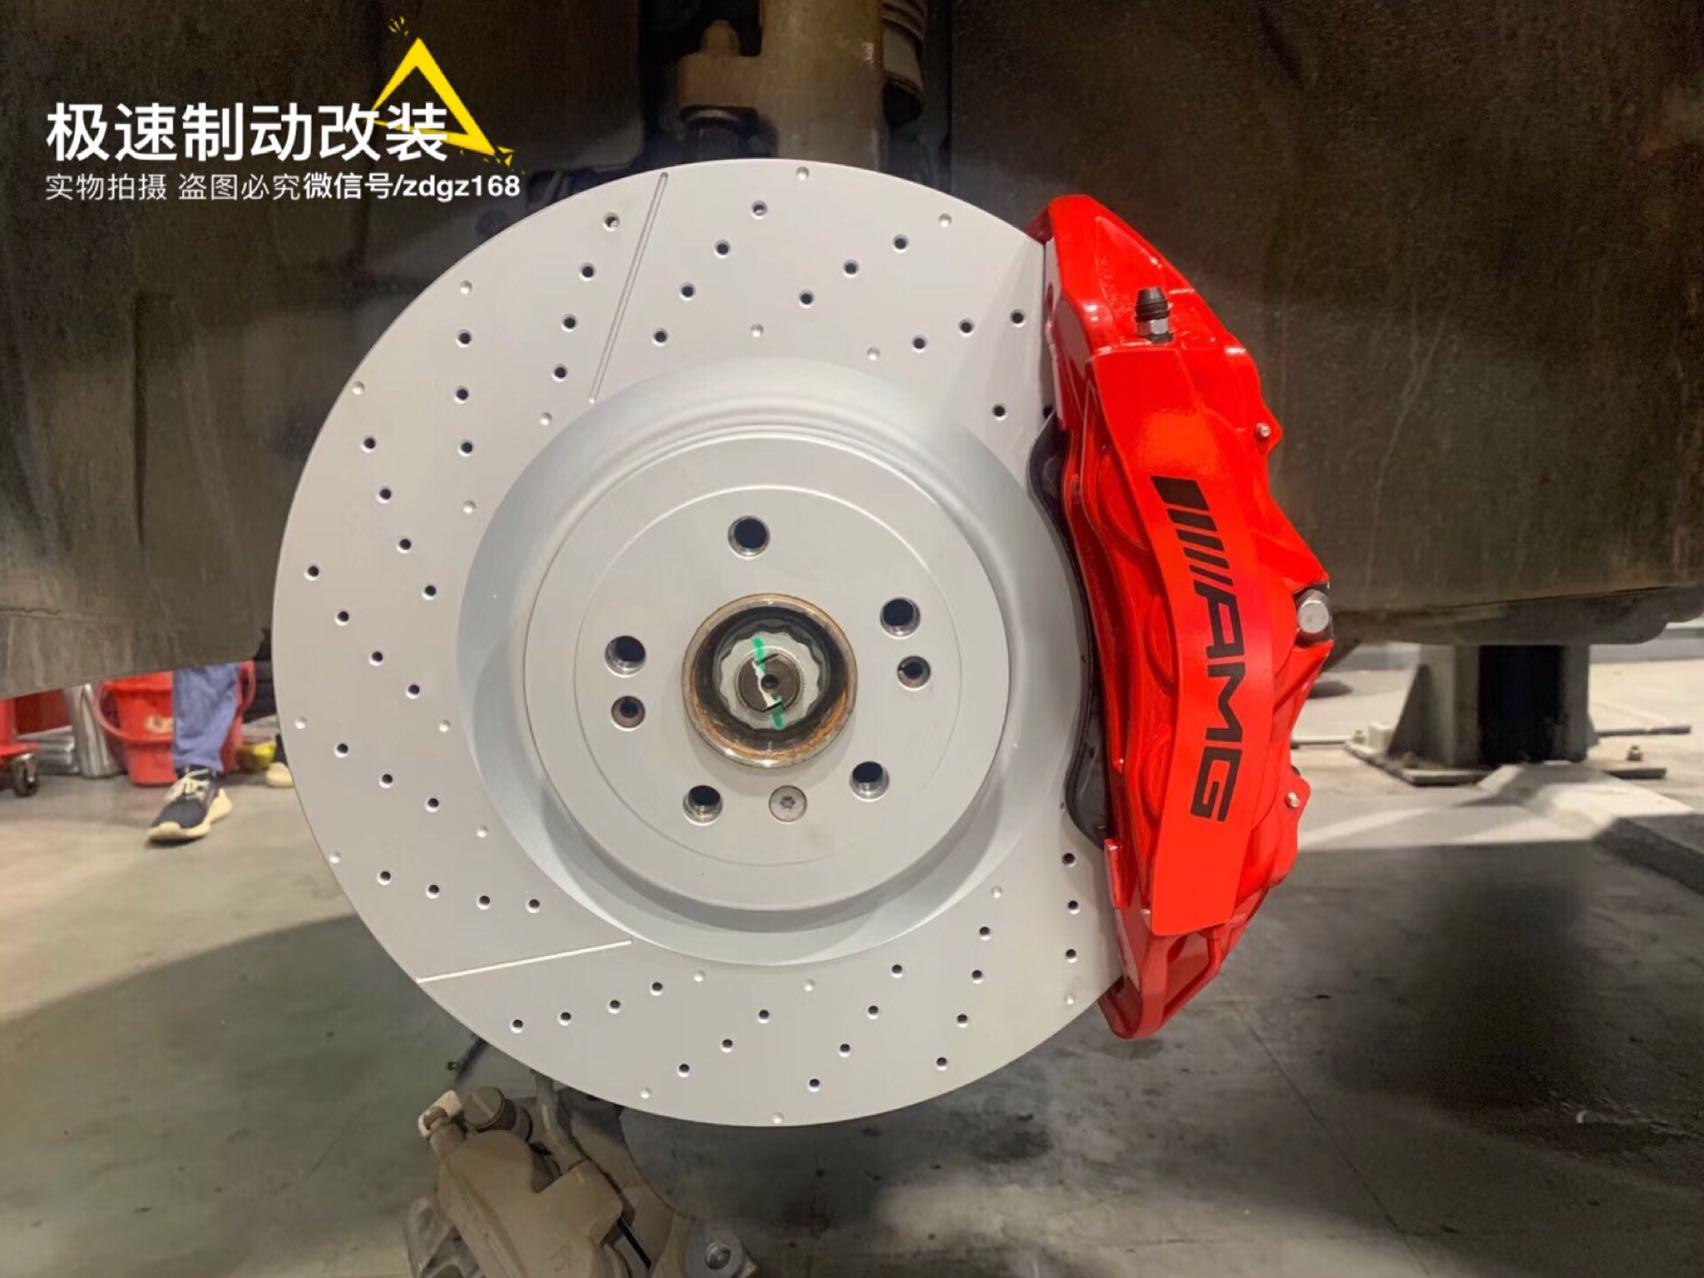 奔驰GLE43、20寸轮毂刹车升级??AMG 6pot套装,效果就是棒?完美解决刹车疲软。